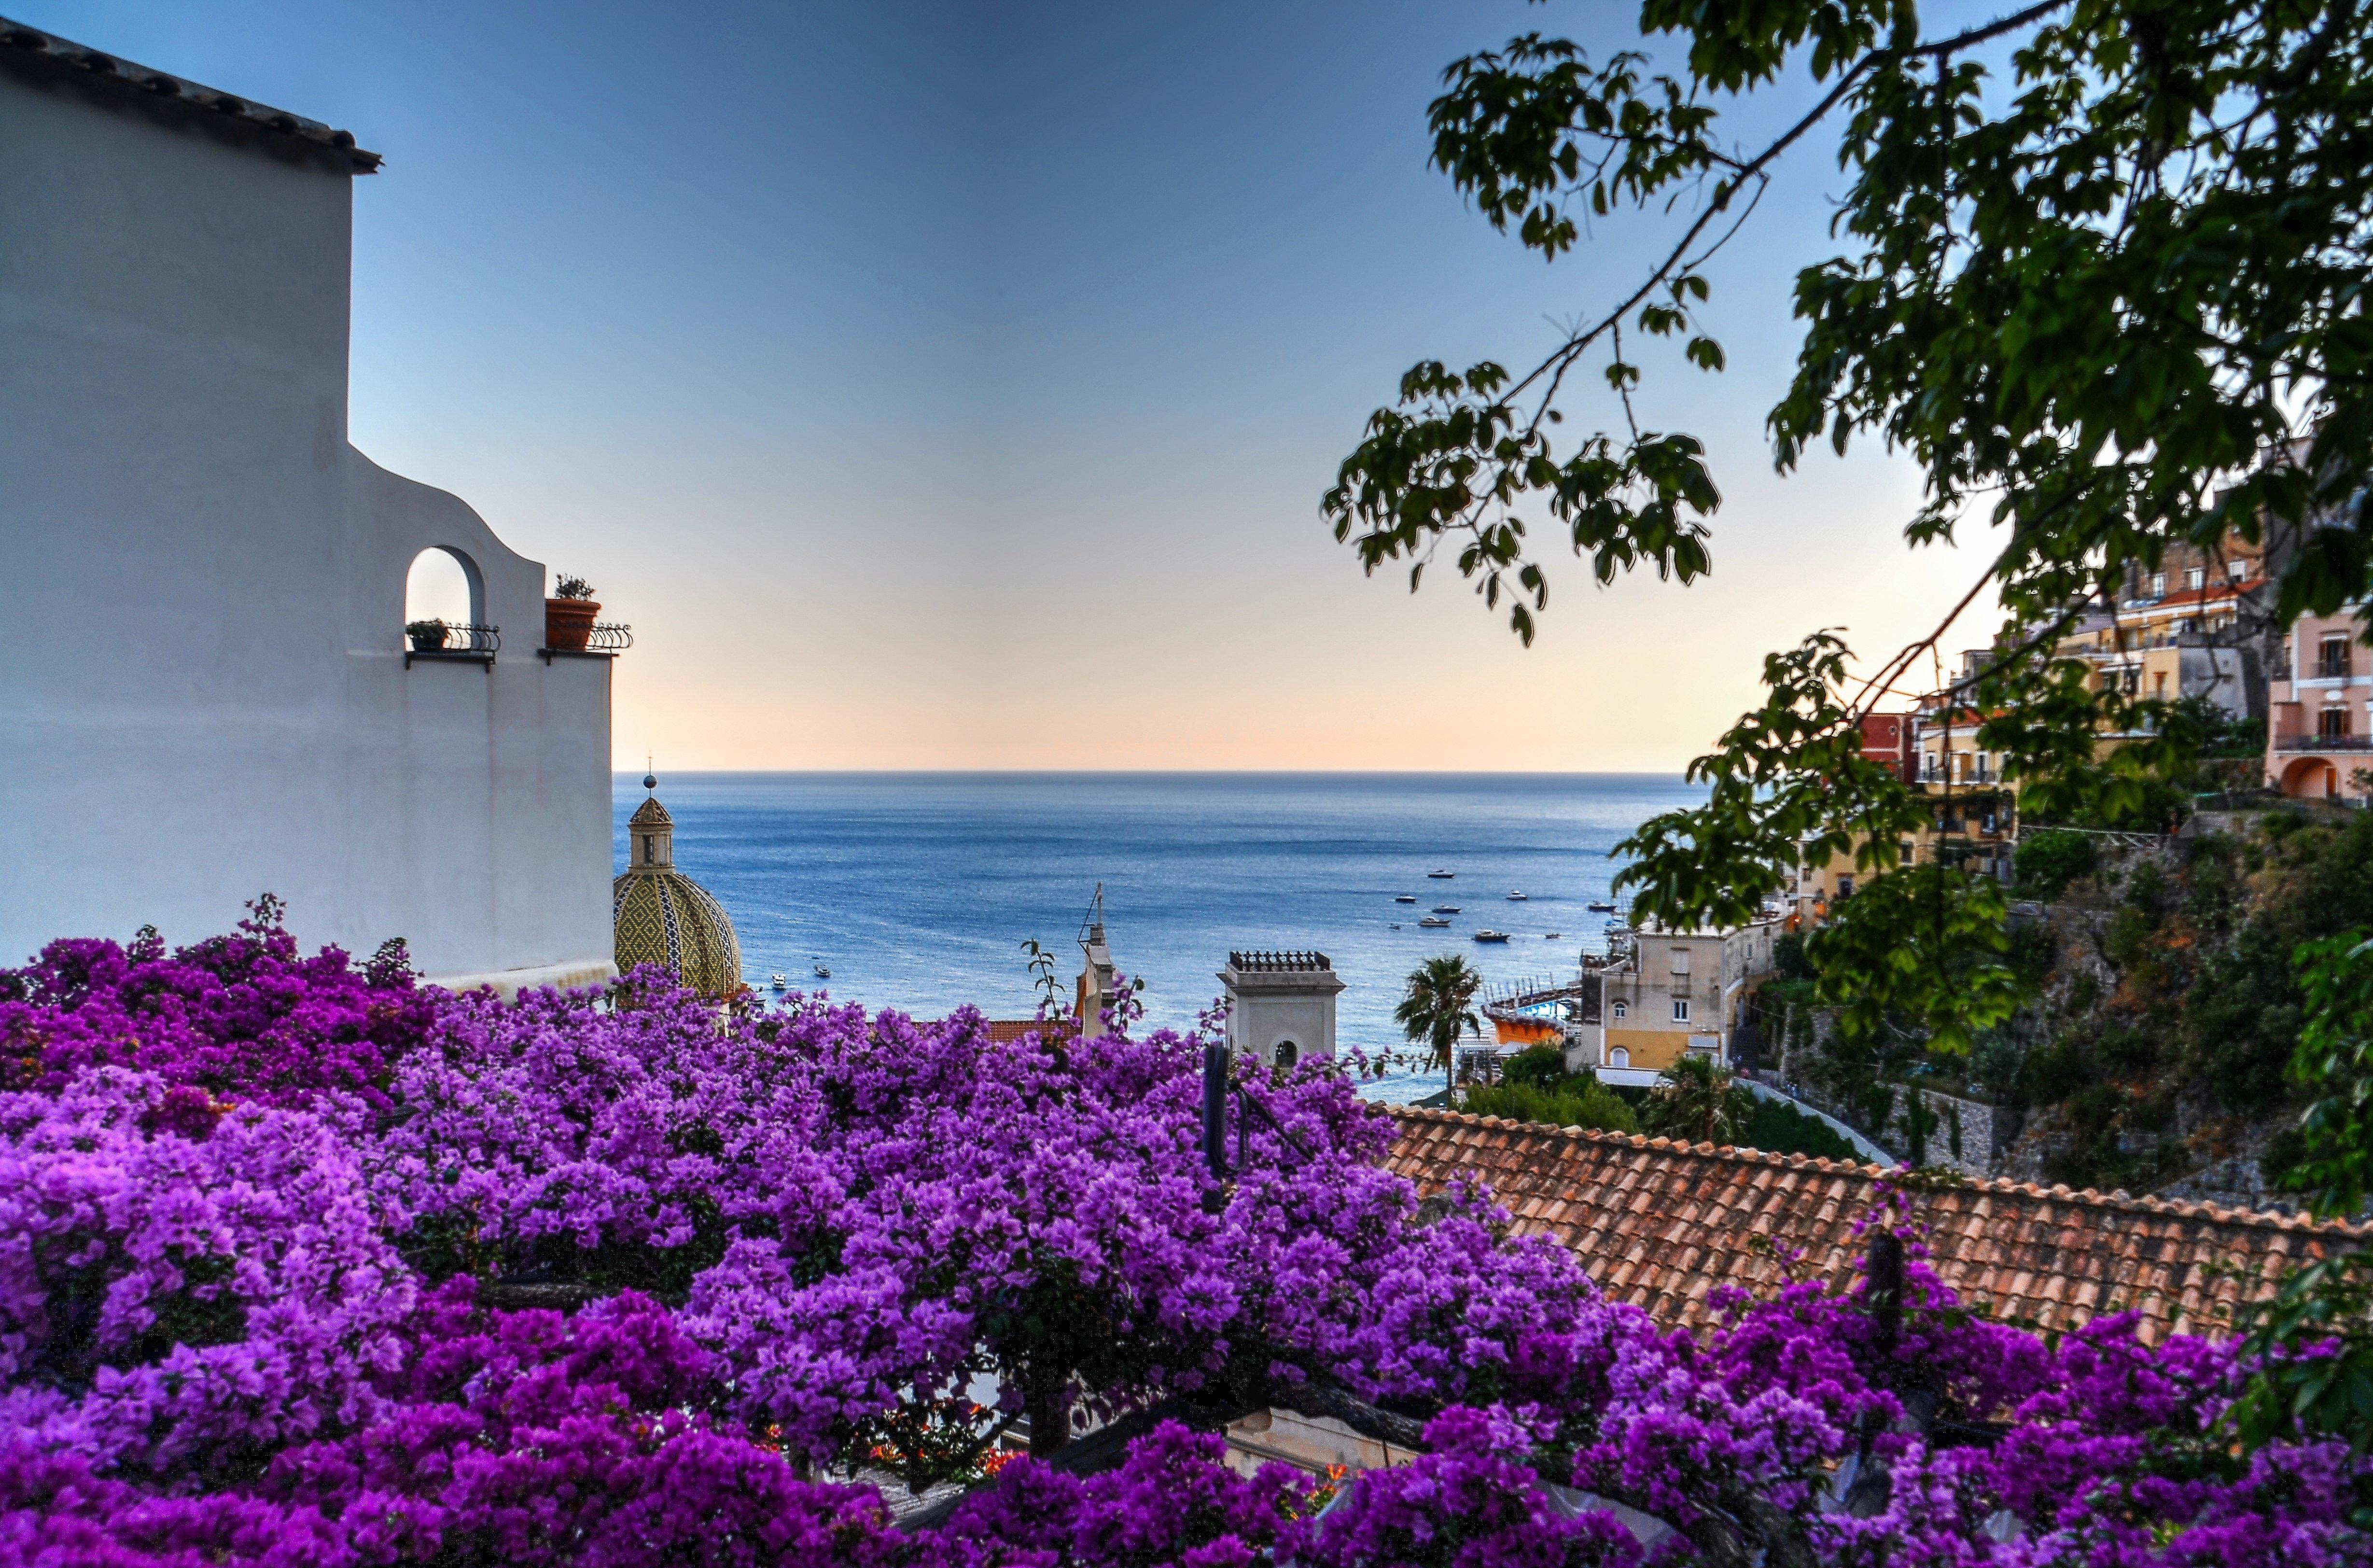 Purple Flower Lot, Architecture, Ocean, Village, View, HQ Photo